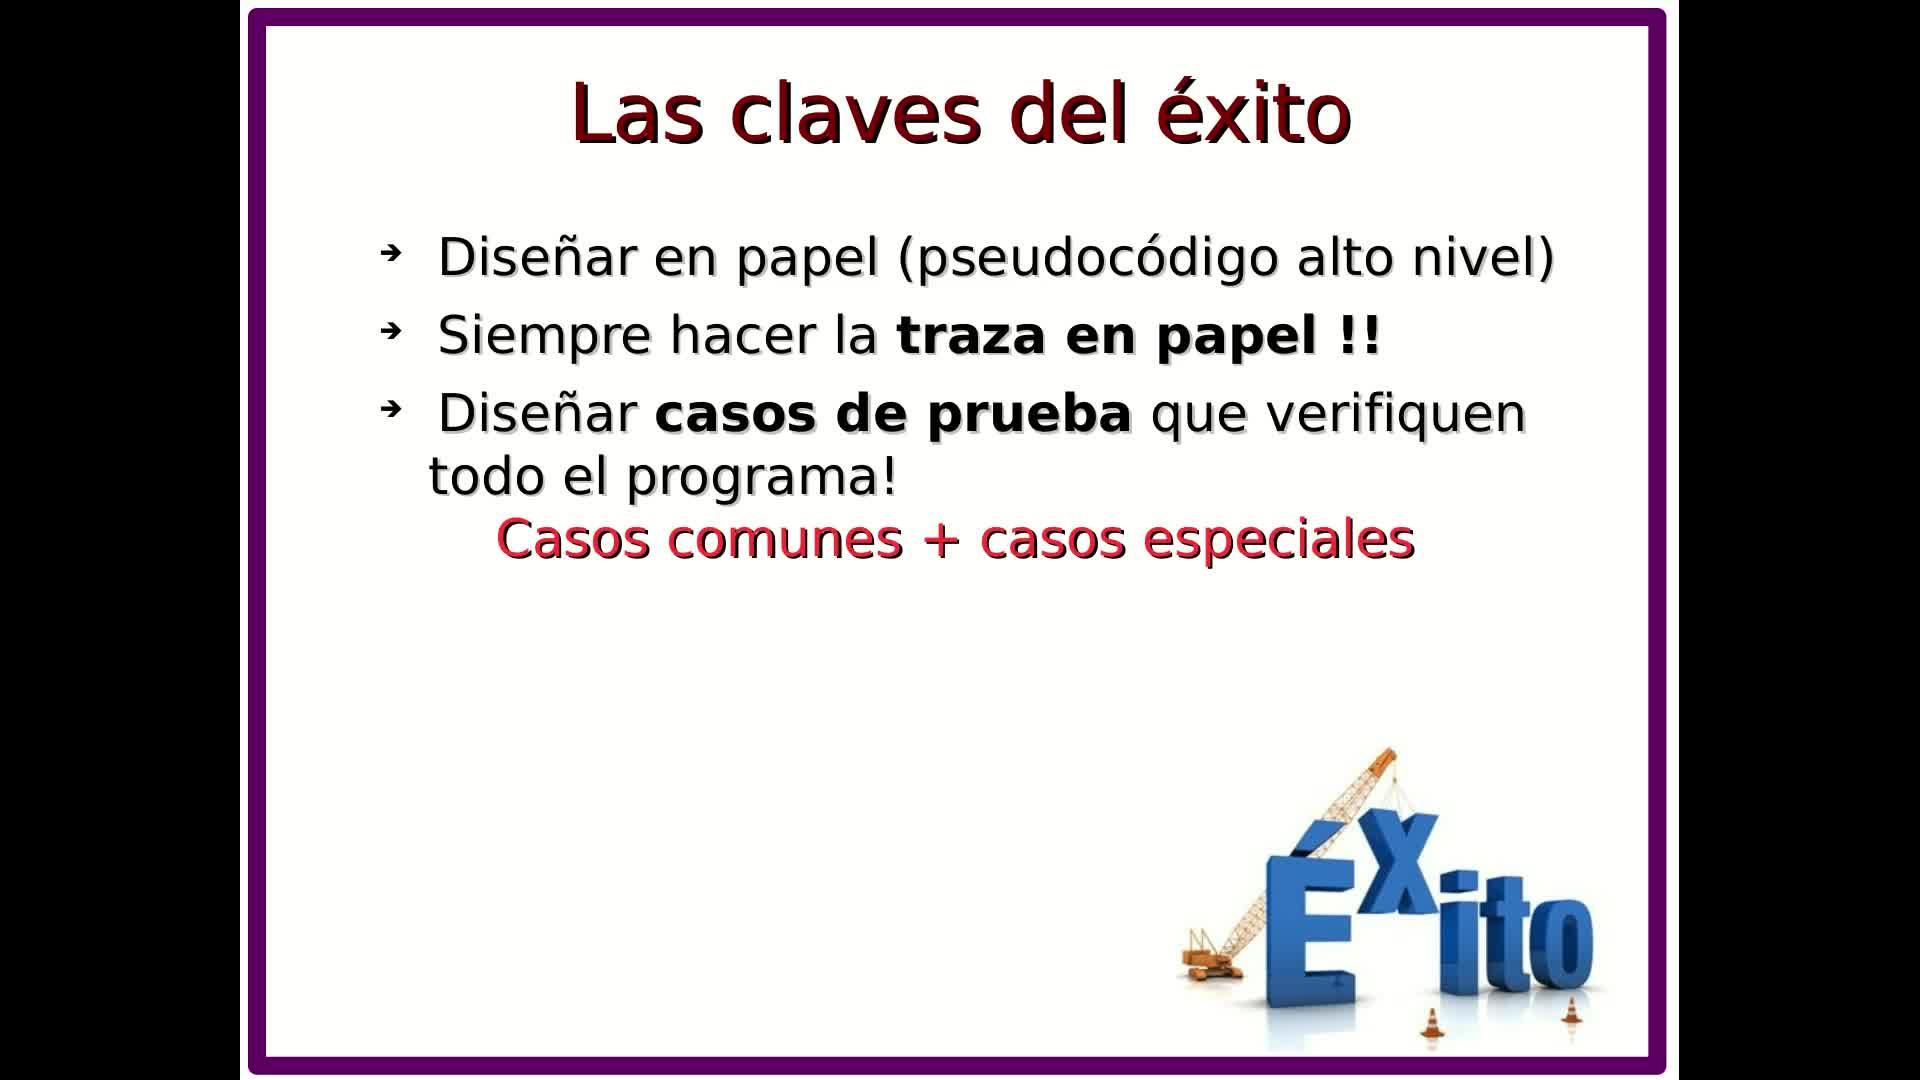 EDAT - Video 0 - Bienvenida